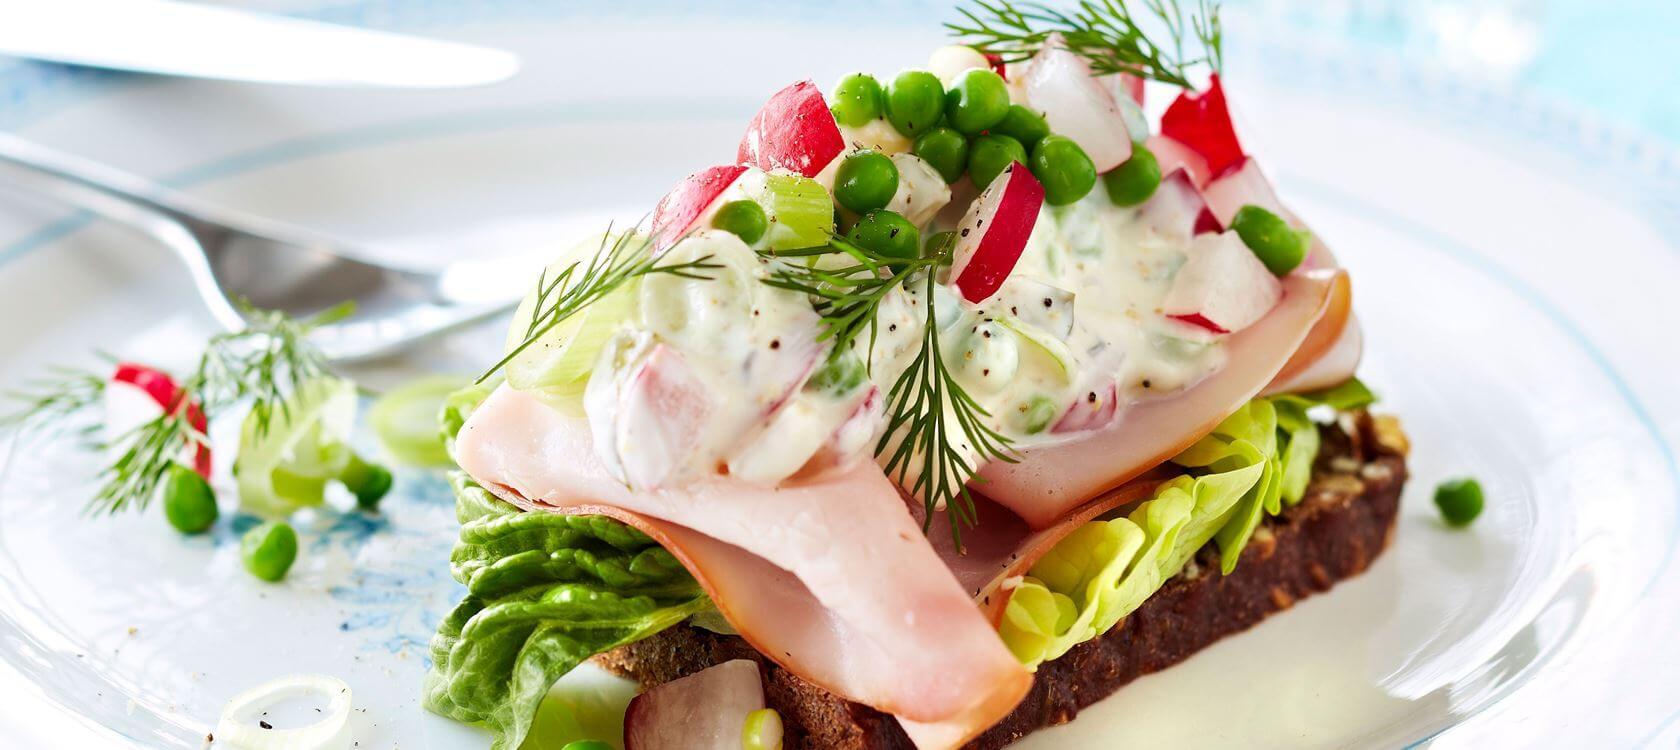 Национальное блюдо Дании - Смёрребрёд